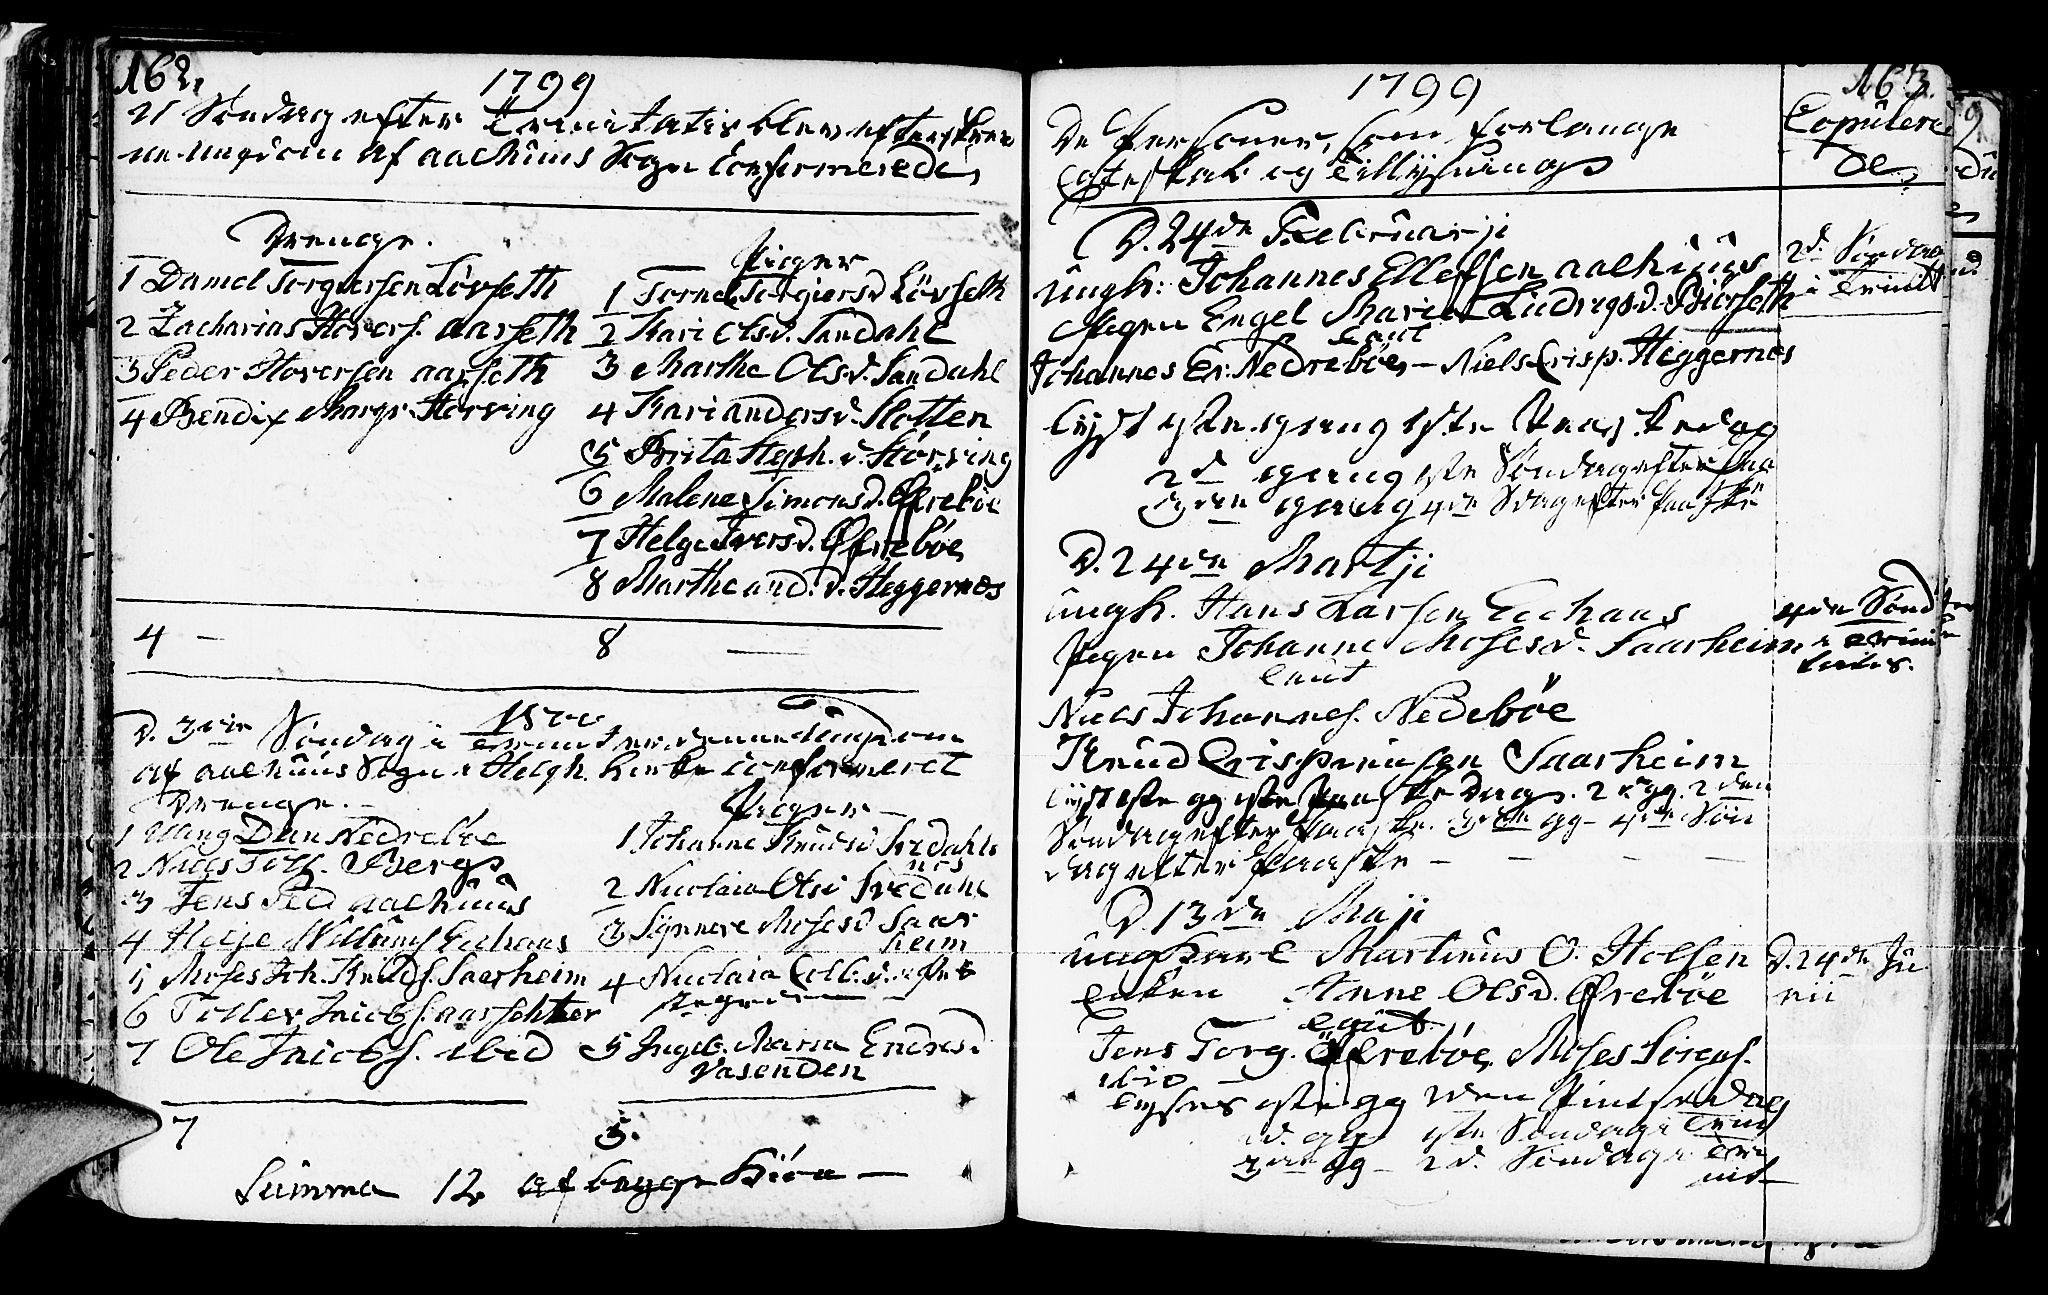 SAB, Jølster Sokneprestembete, Ministerialbok nr. A 5, 1790-1821, s. 162-163